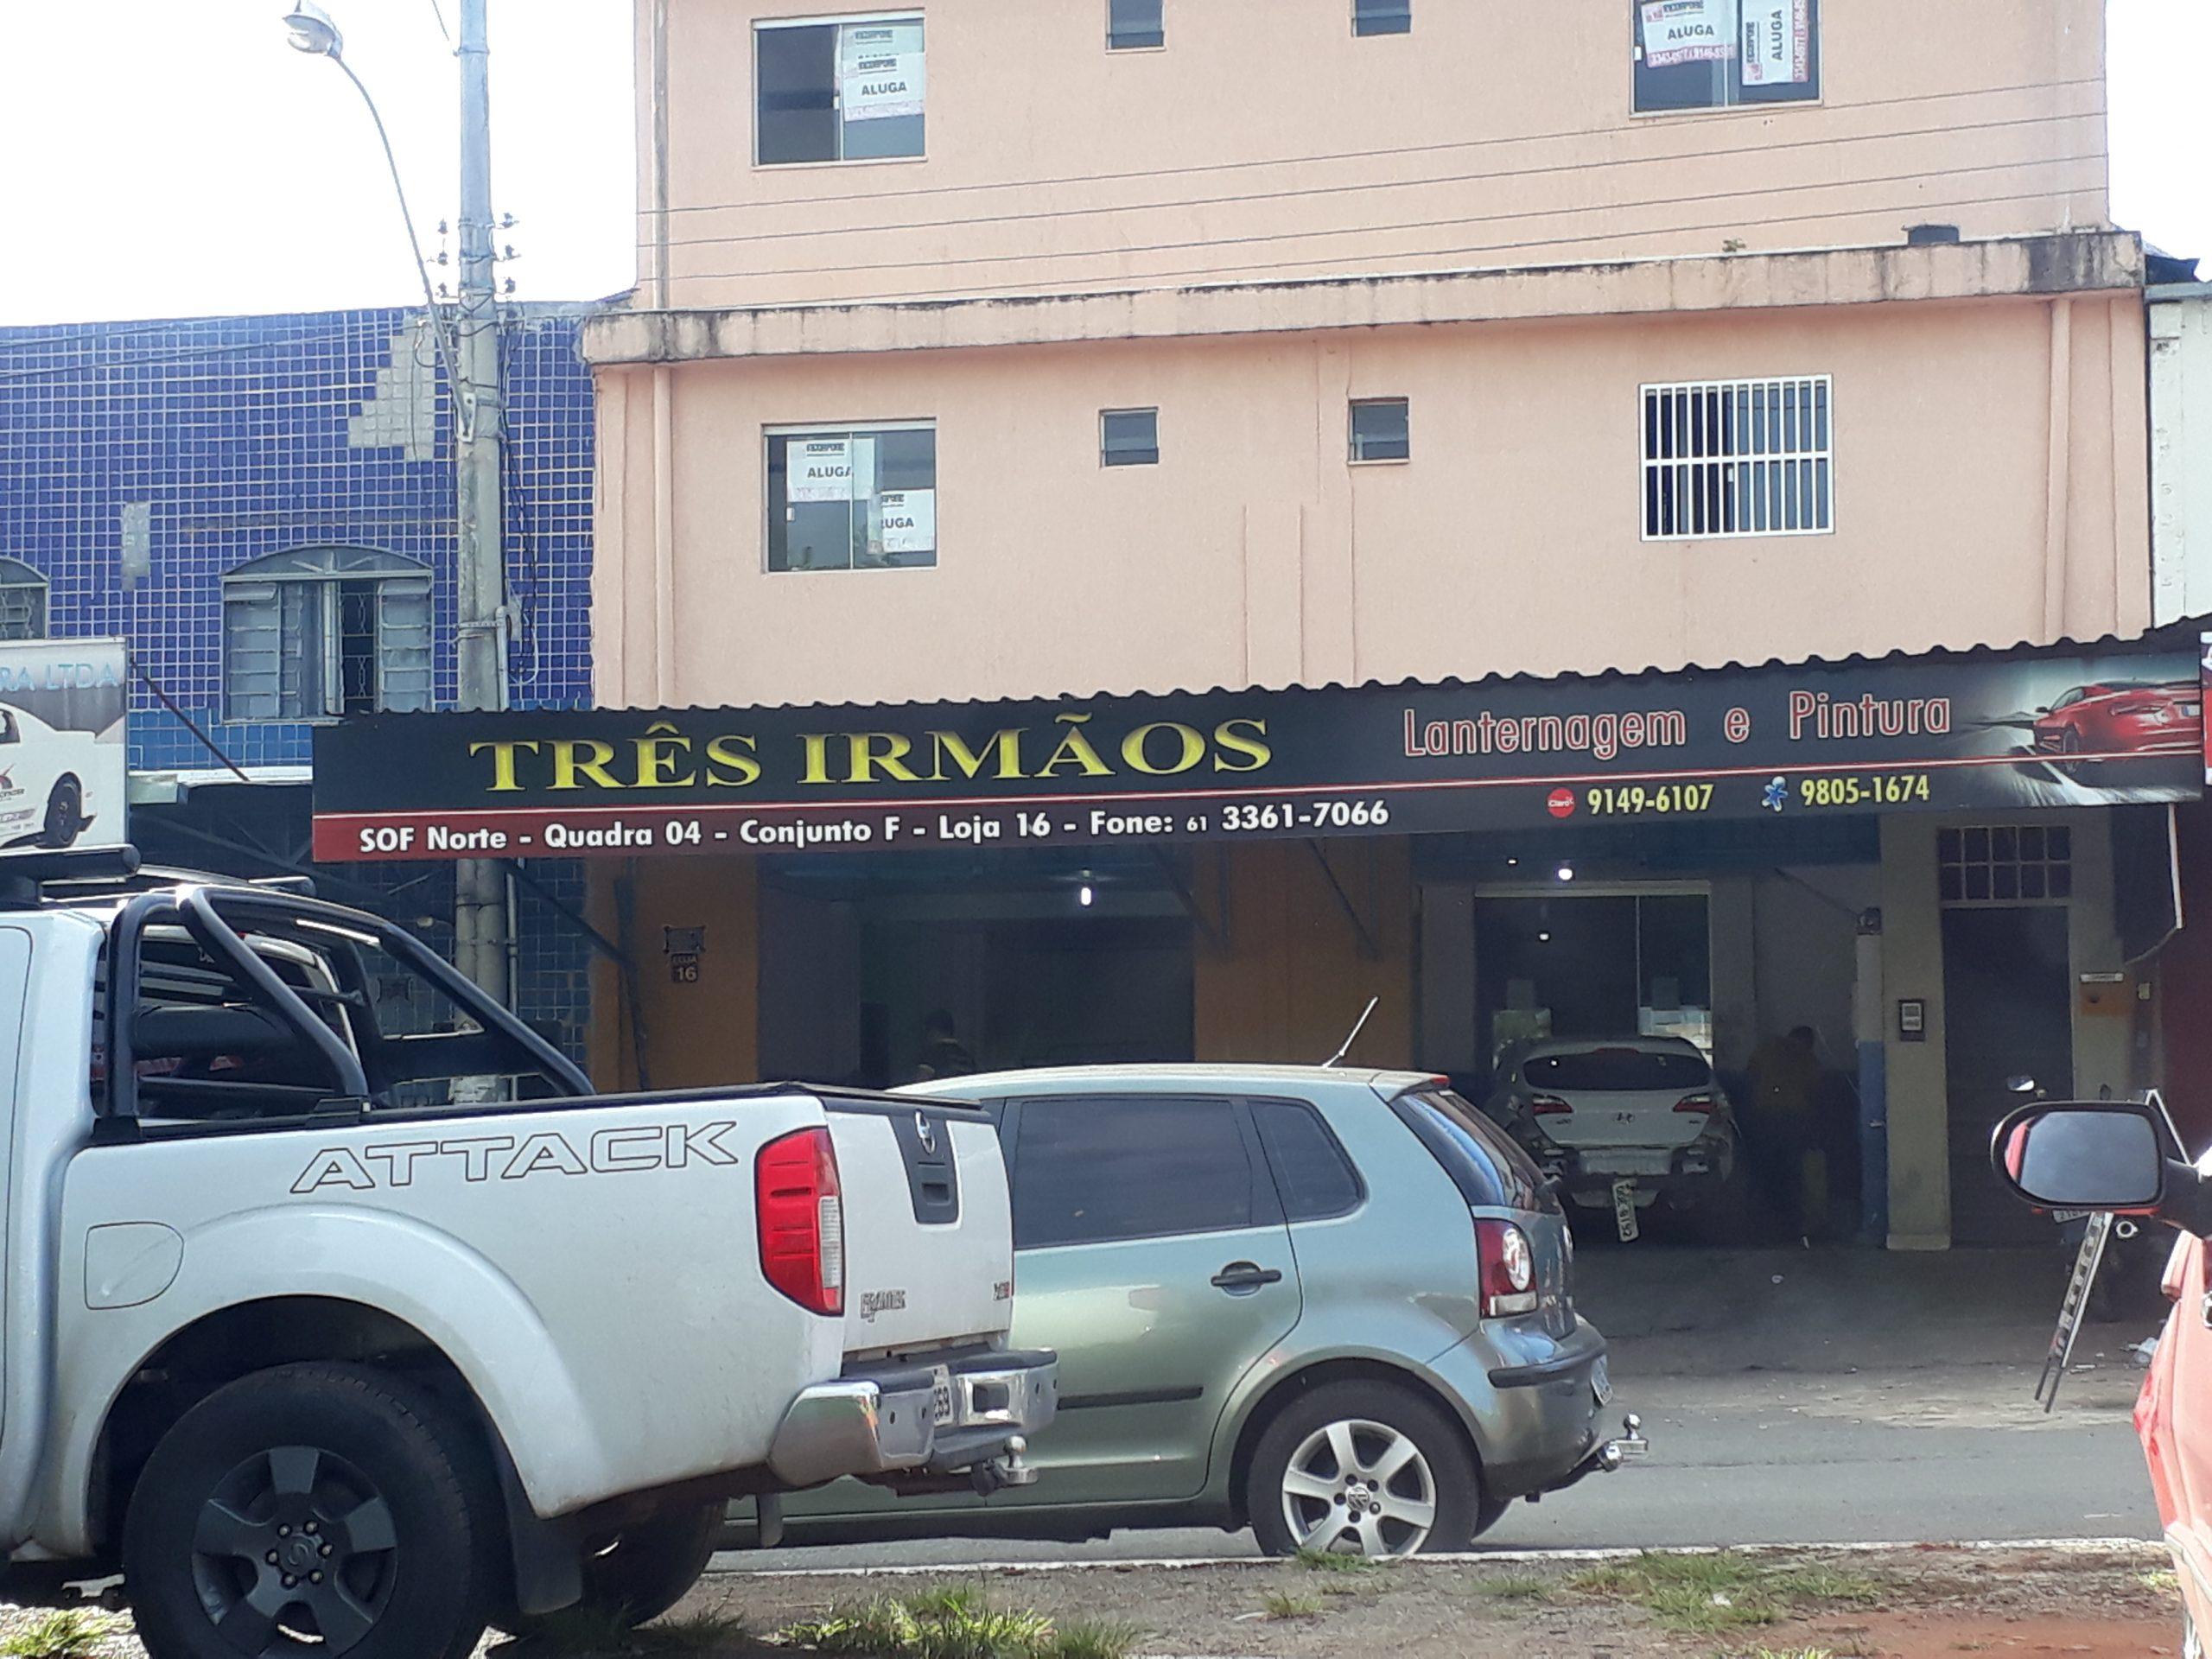 Photo of TRÊS IRMÃOS LANTERNAGEM E PINTURA, SOF NORTE